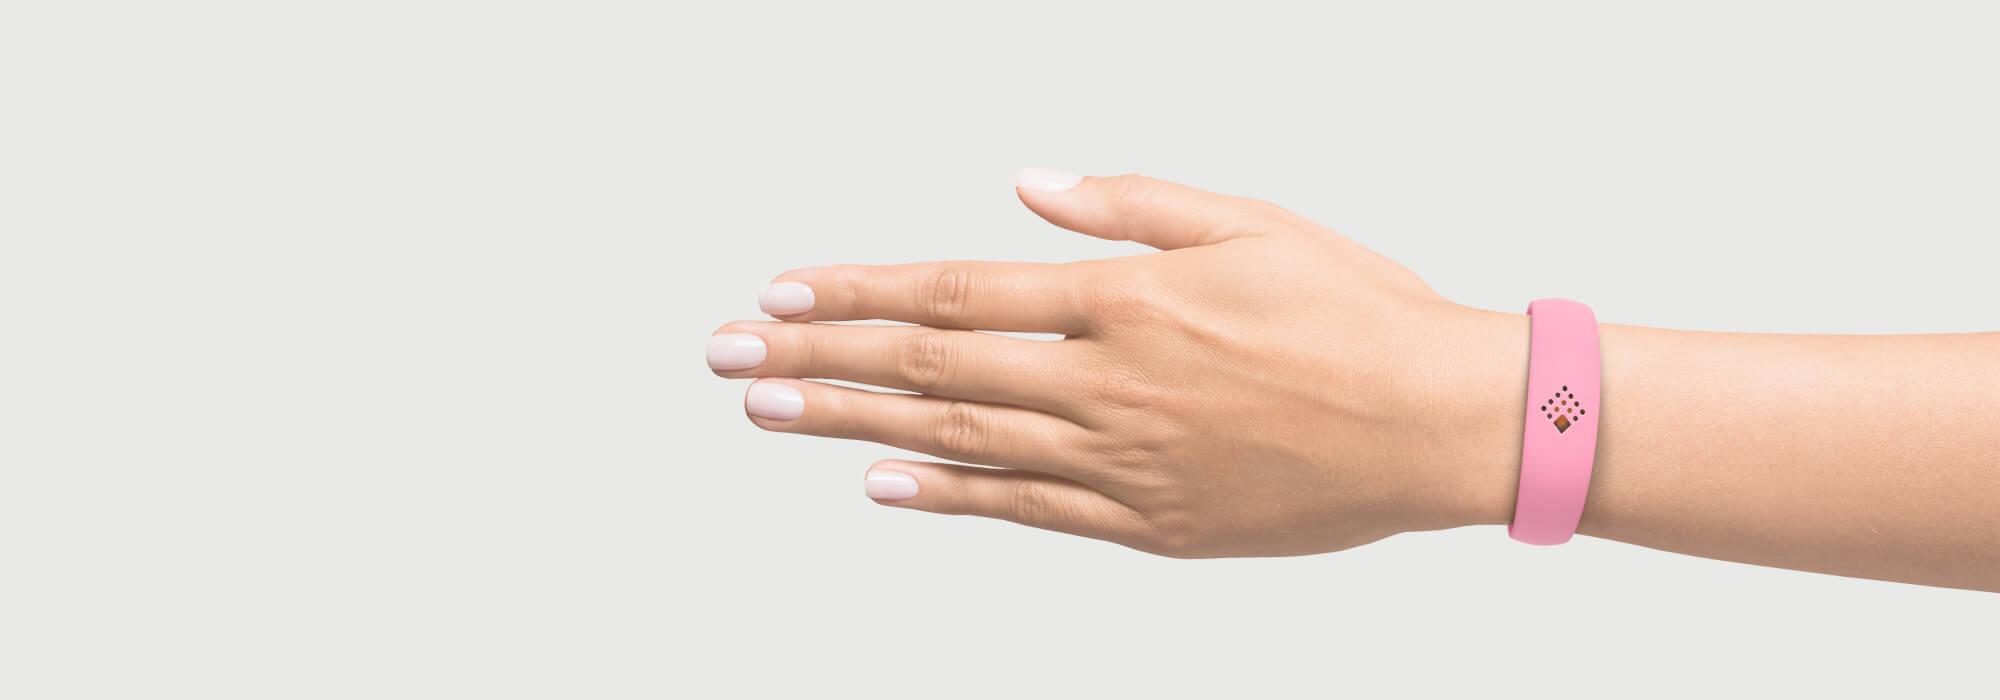 Rozā AMBRIO aproce uz sievietes rokas